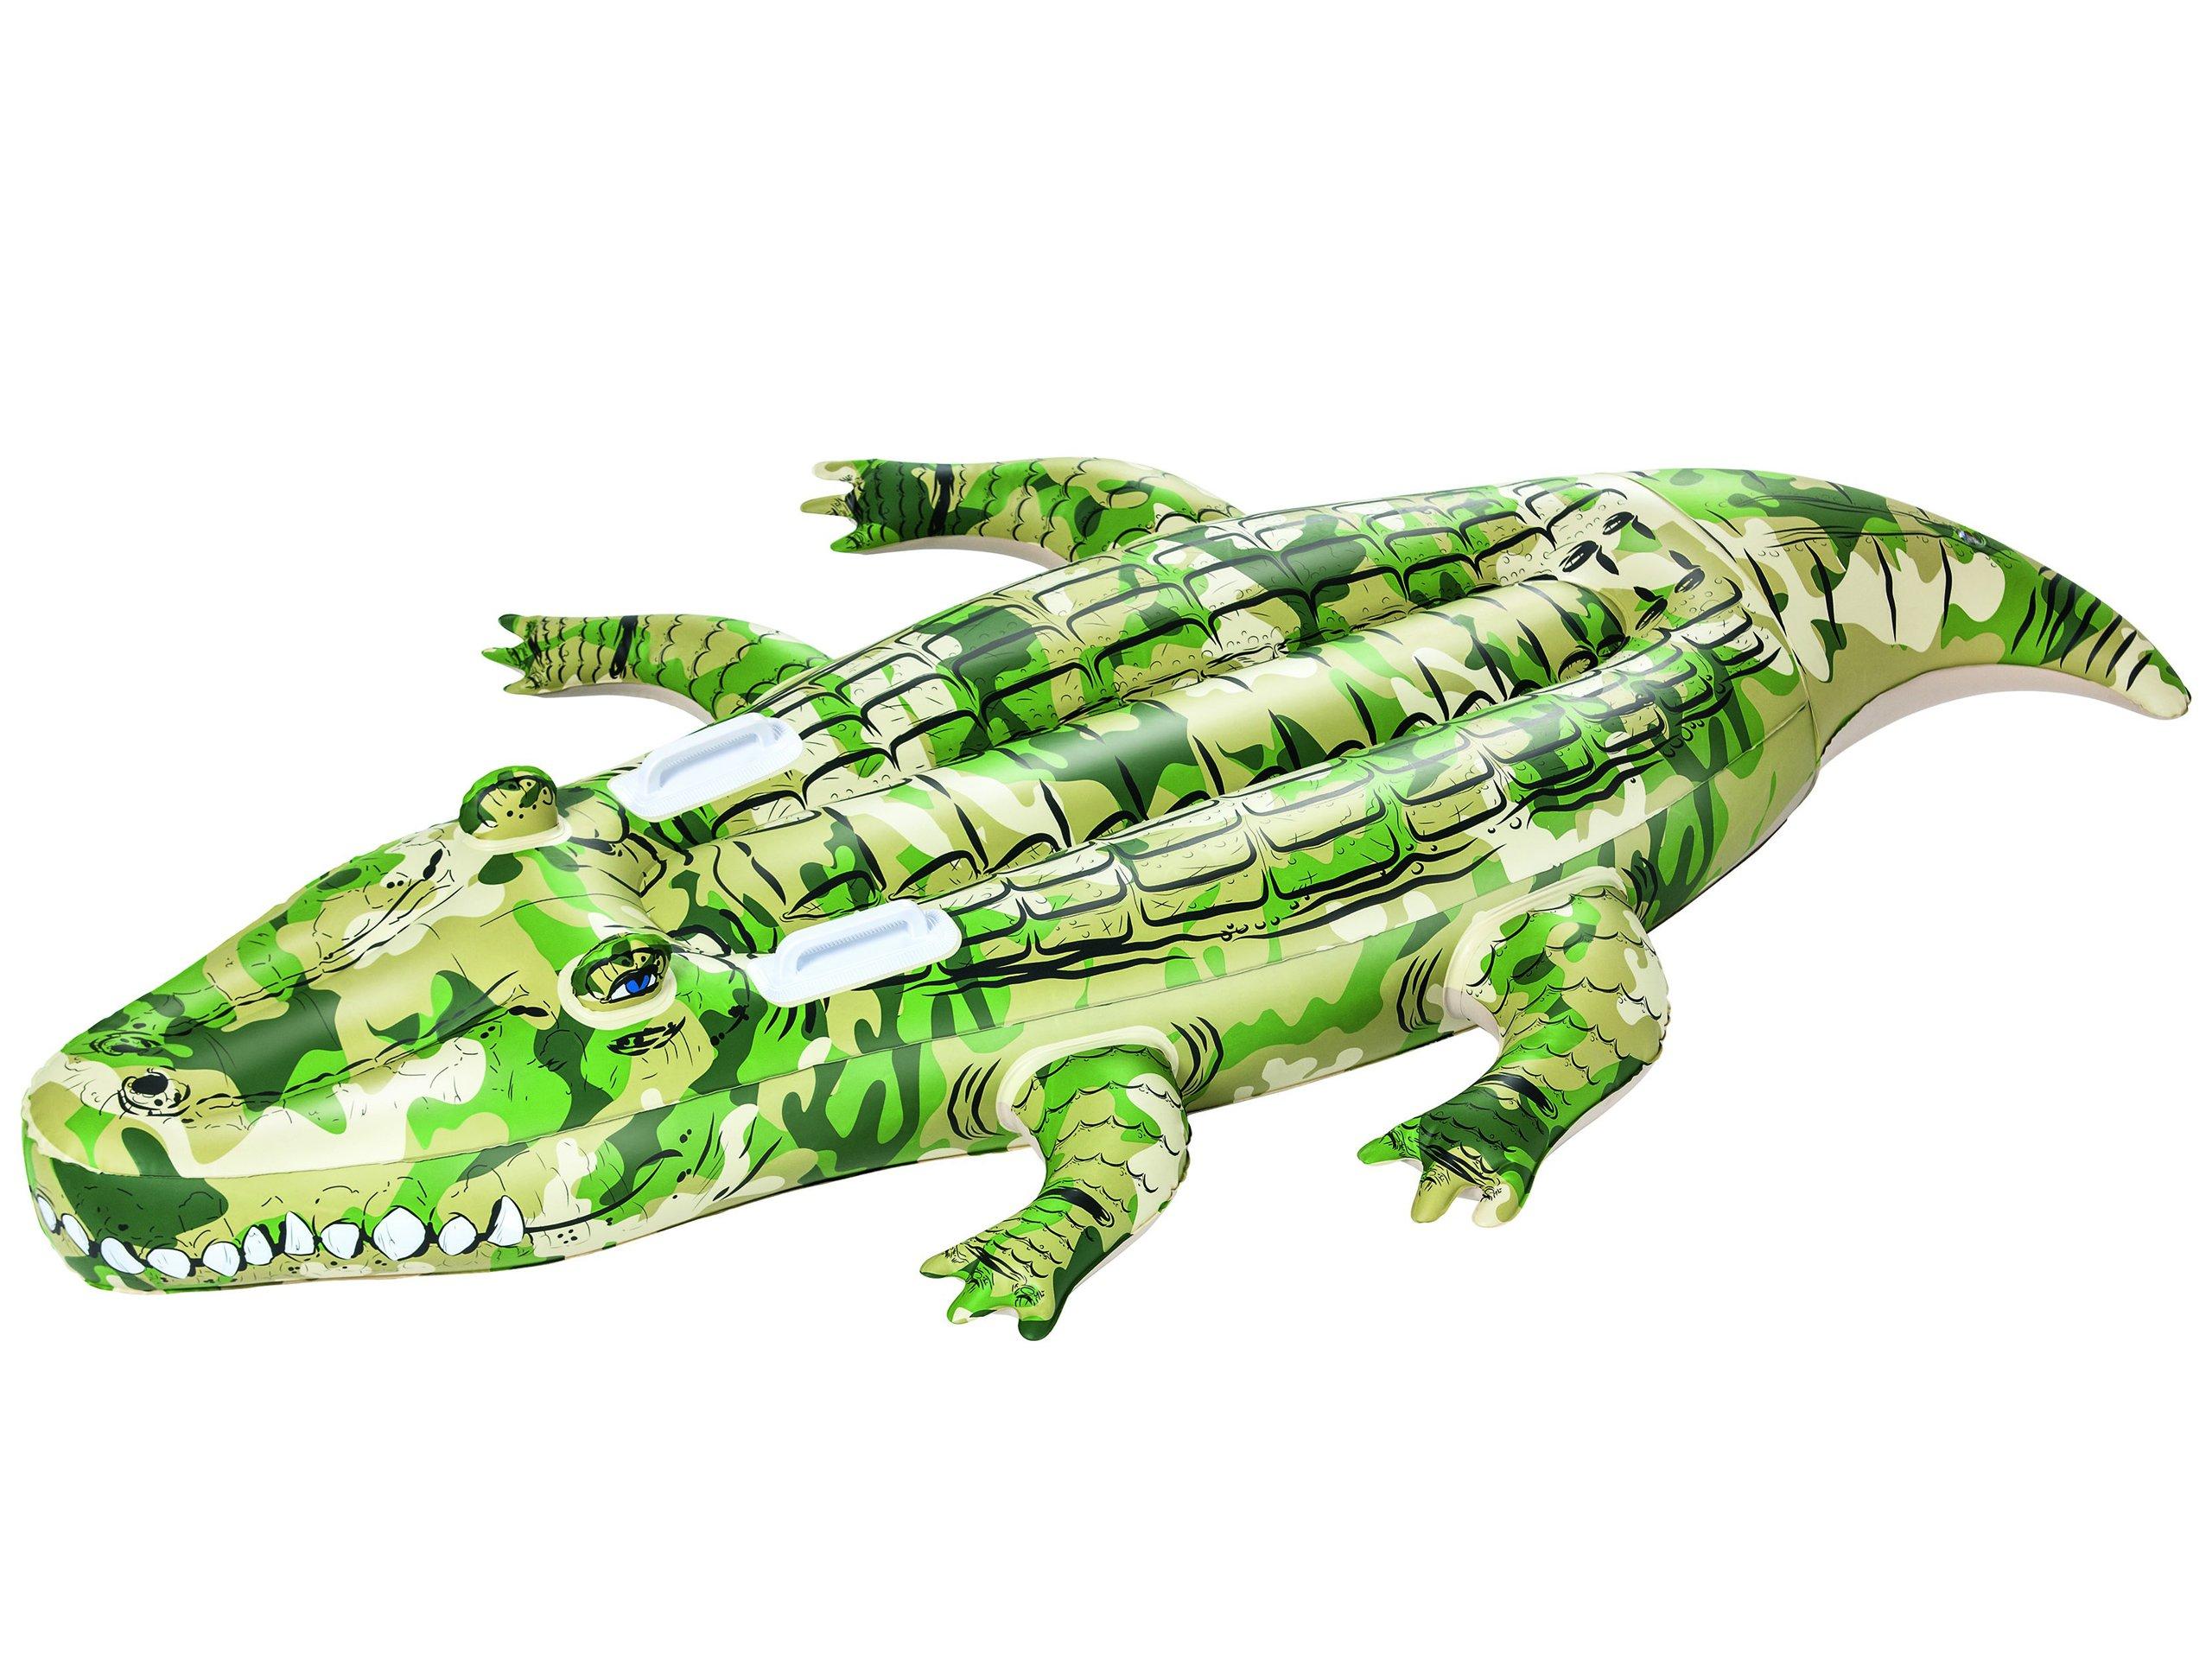 Bestway dětské nafukovací lehátko surf maskačový krokodýl na vodu